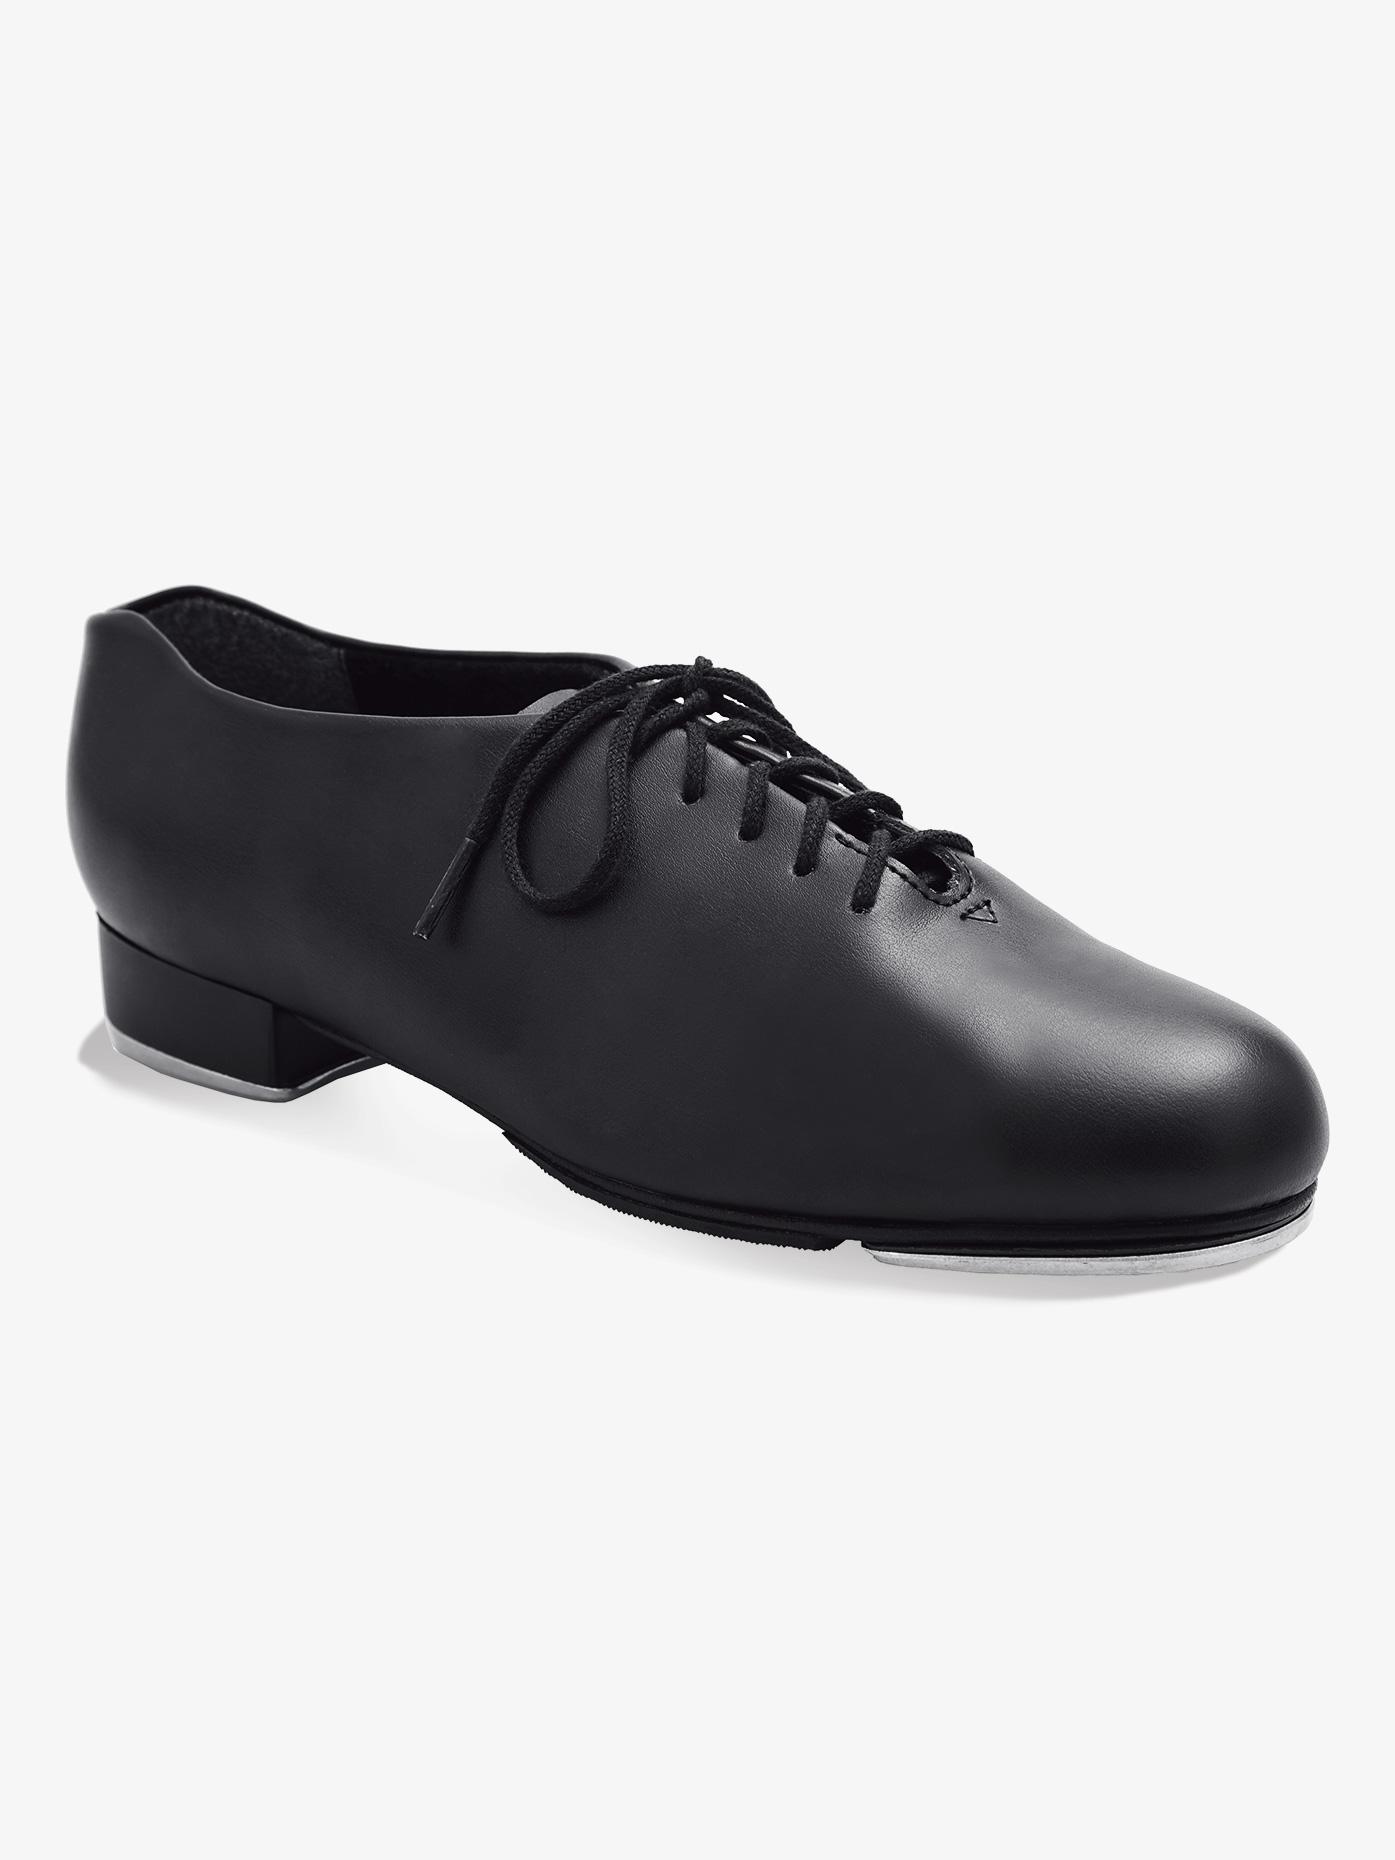 Capezio Adult Tic Tap Toe Lace-Up Tap Shoes 443